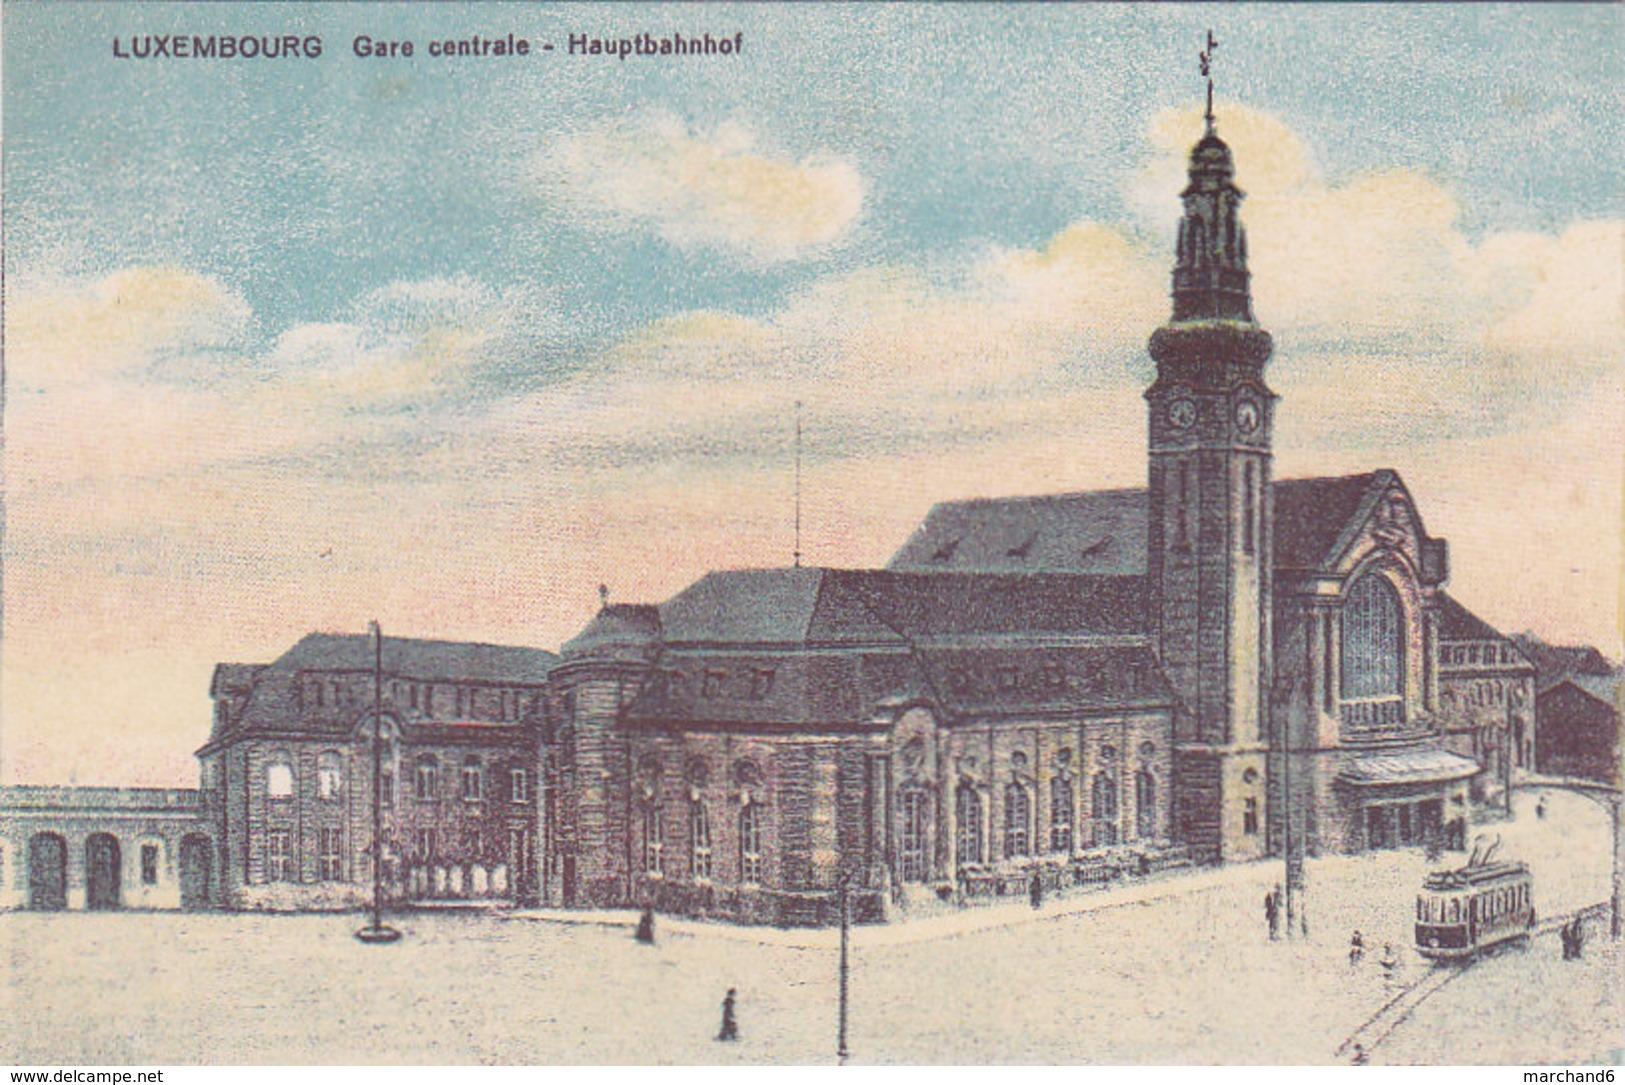 Luxembourg Gare Centrale Hauptbahnhof éditeur Maison De Gros P Houstraas N°37 - Luxembourg - Ville